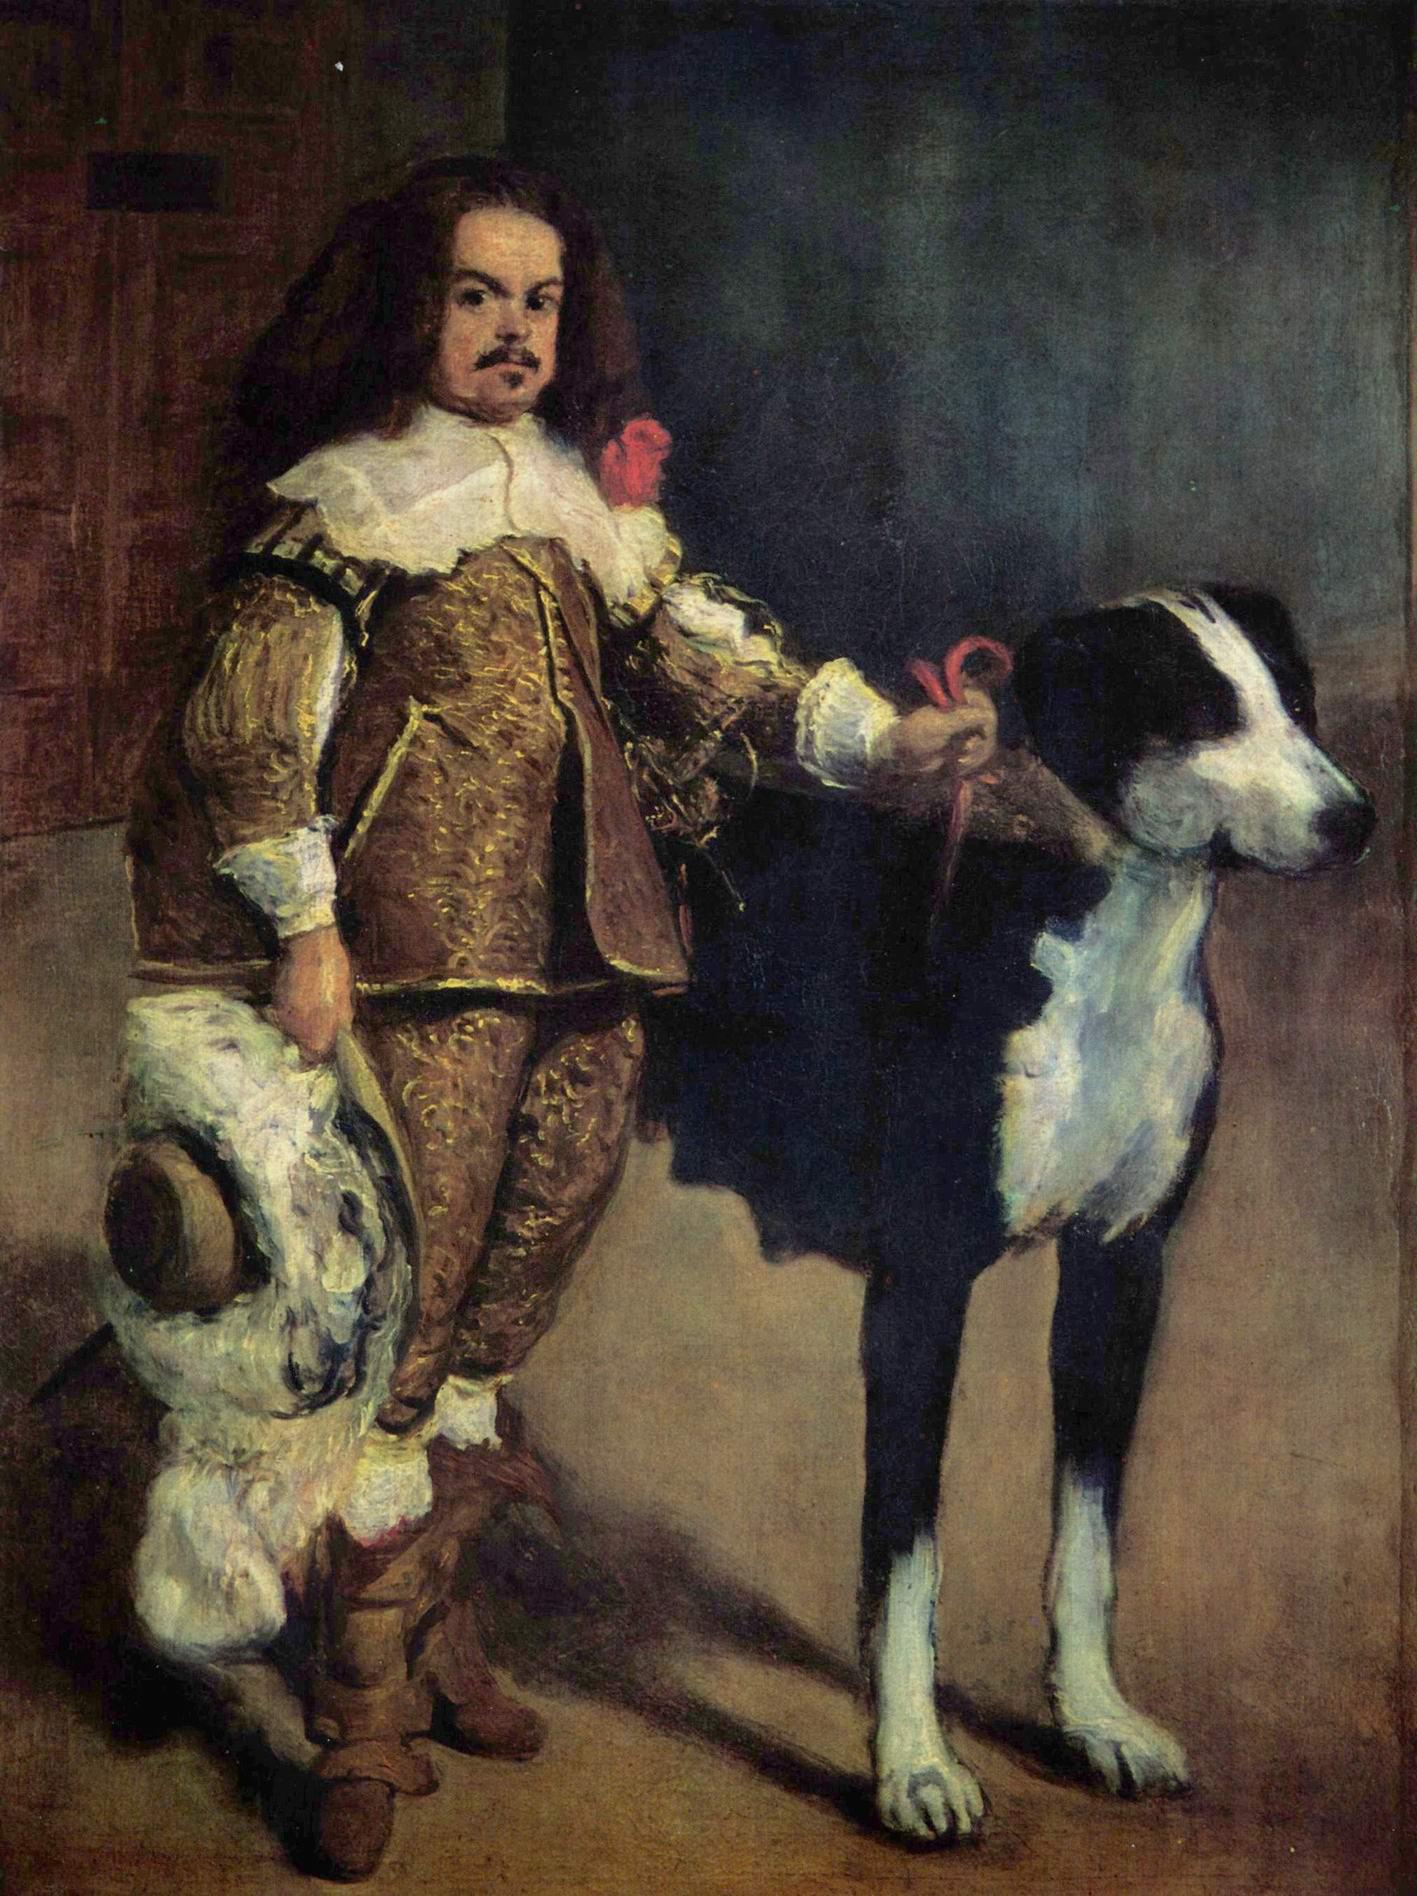 Придворный карлик с собакой, Диего Веласкес